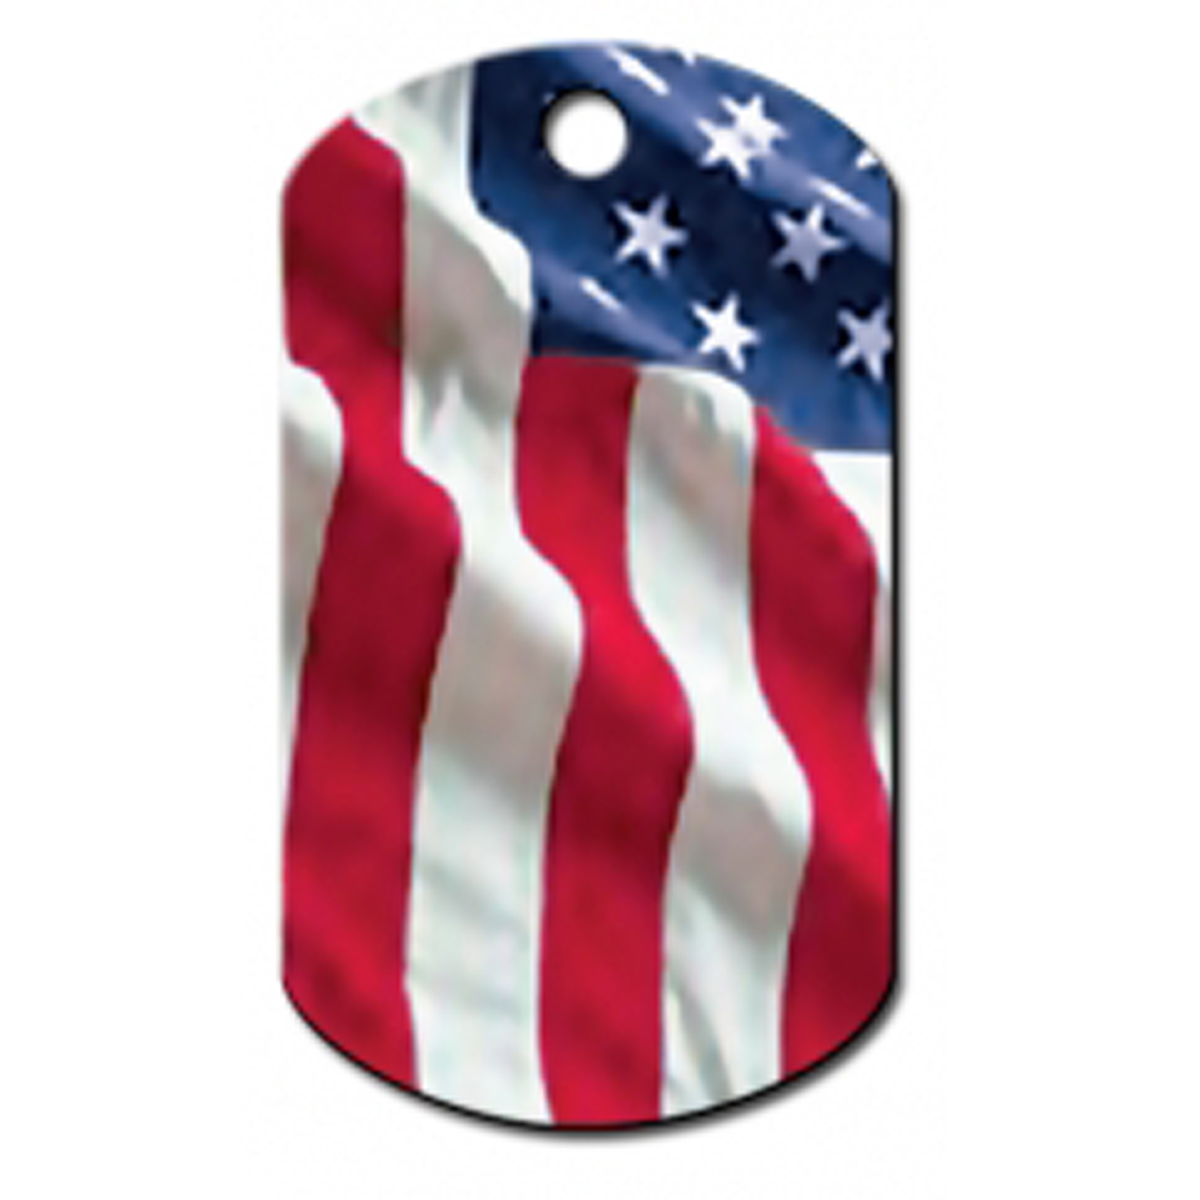 USA Flag Engravable Pet I.D. Tag - Large Military Tag